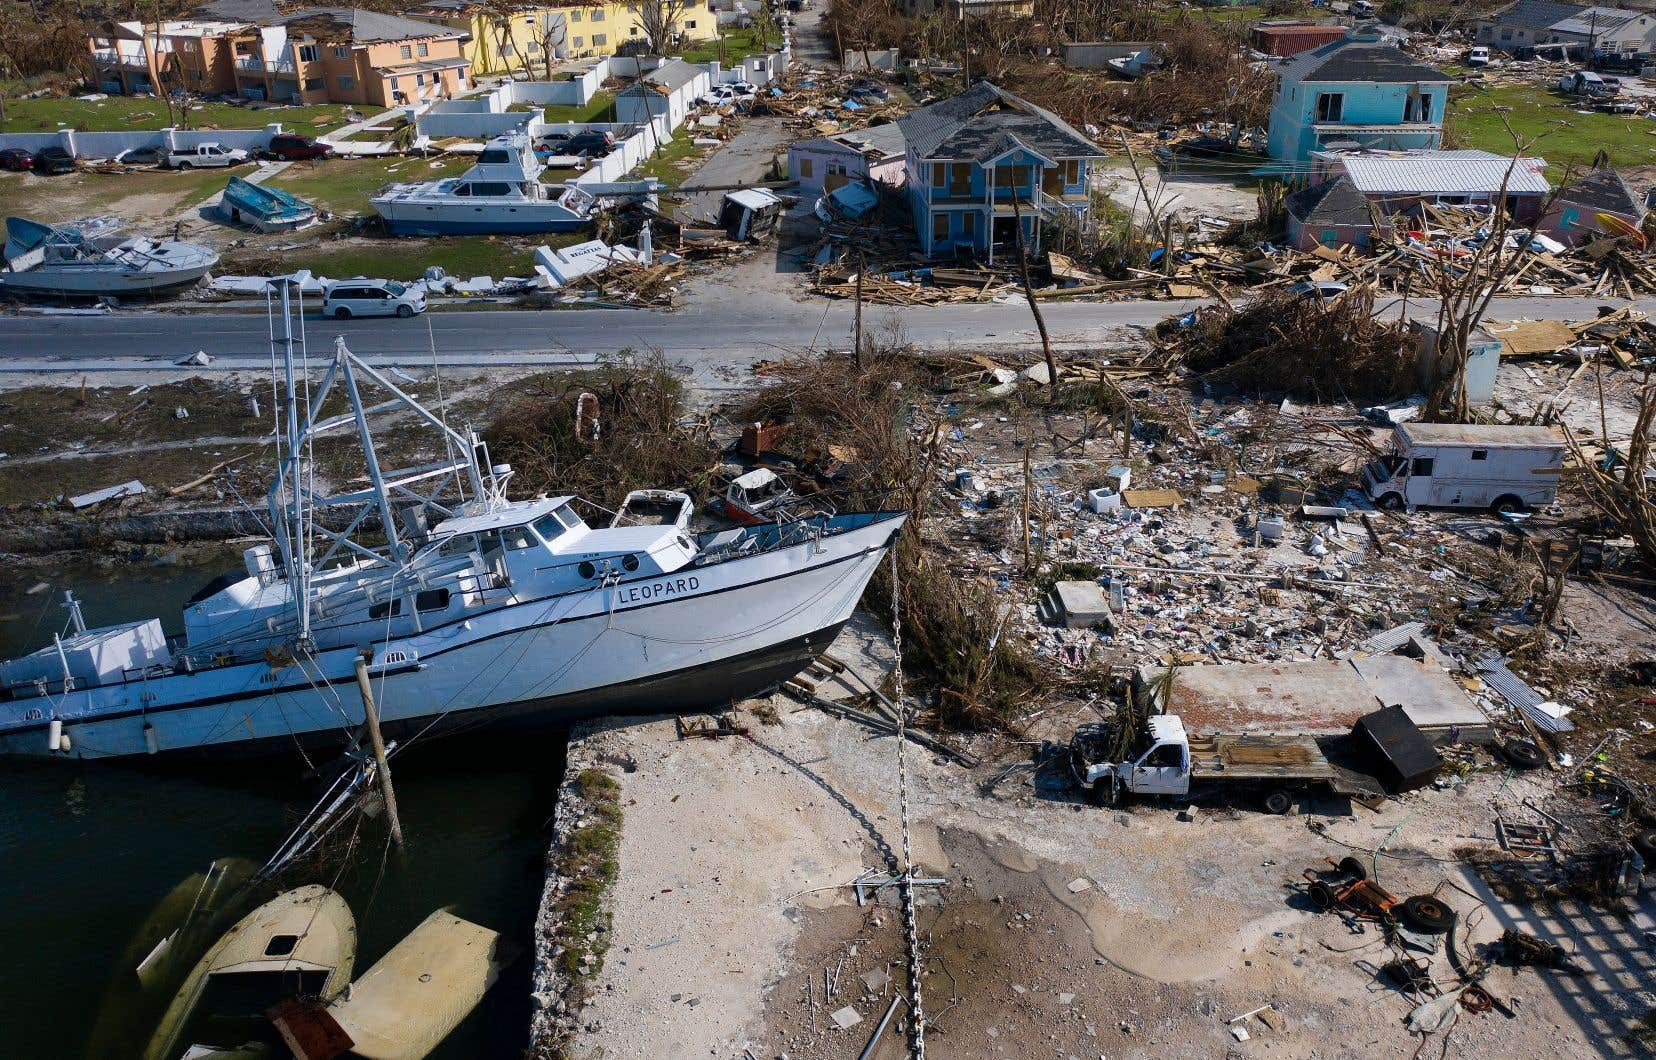 L'île d'Abaco, l'un des coins des Bahamas particulièrement touchés par le chômage et la précarité, a été violemment happé par l'ouragan «Dorian».